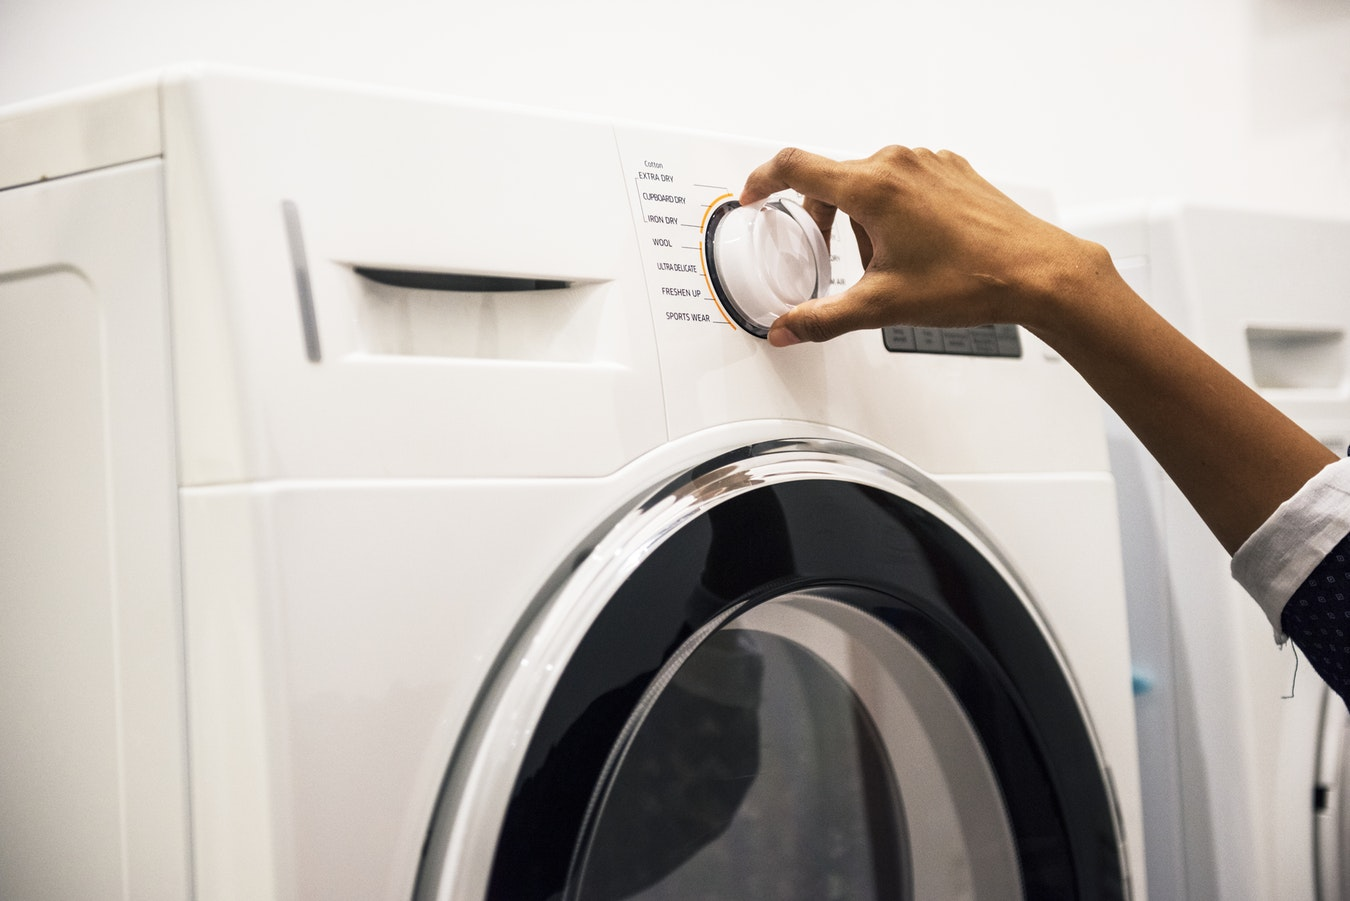 dryer start switch